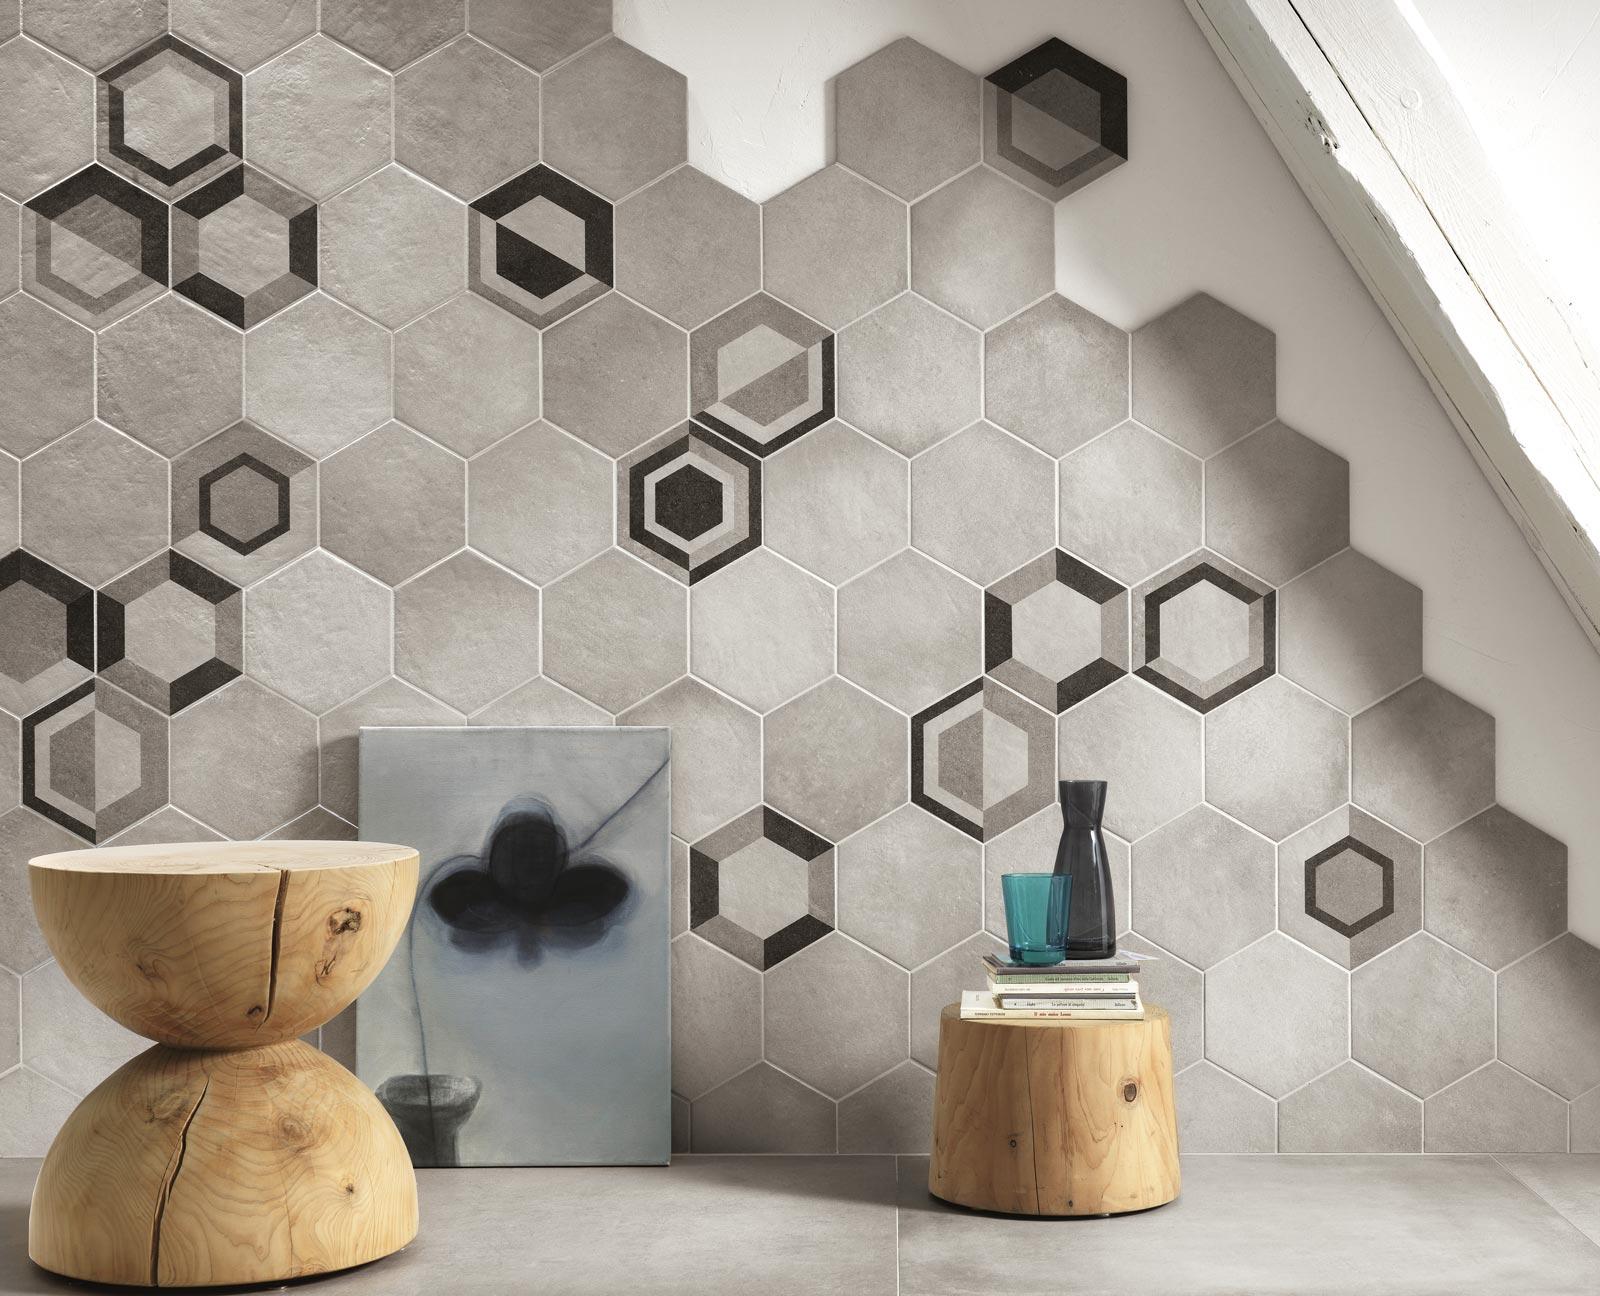 Piastrelle Esagonali Per Bagno : Piastrelle esagonali per decorare casa ragno